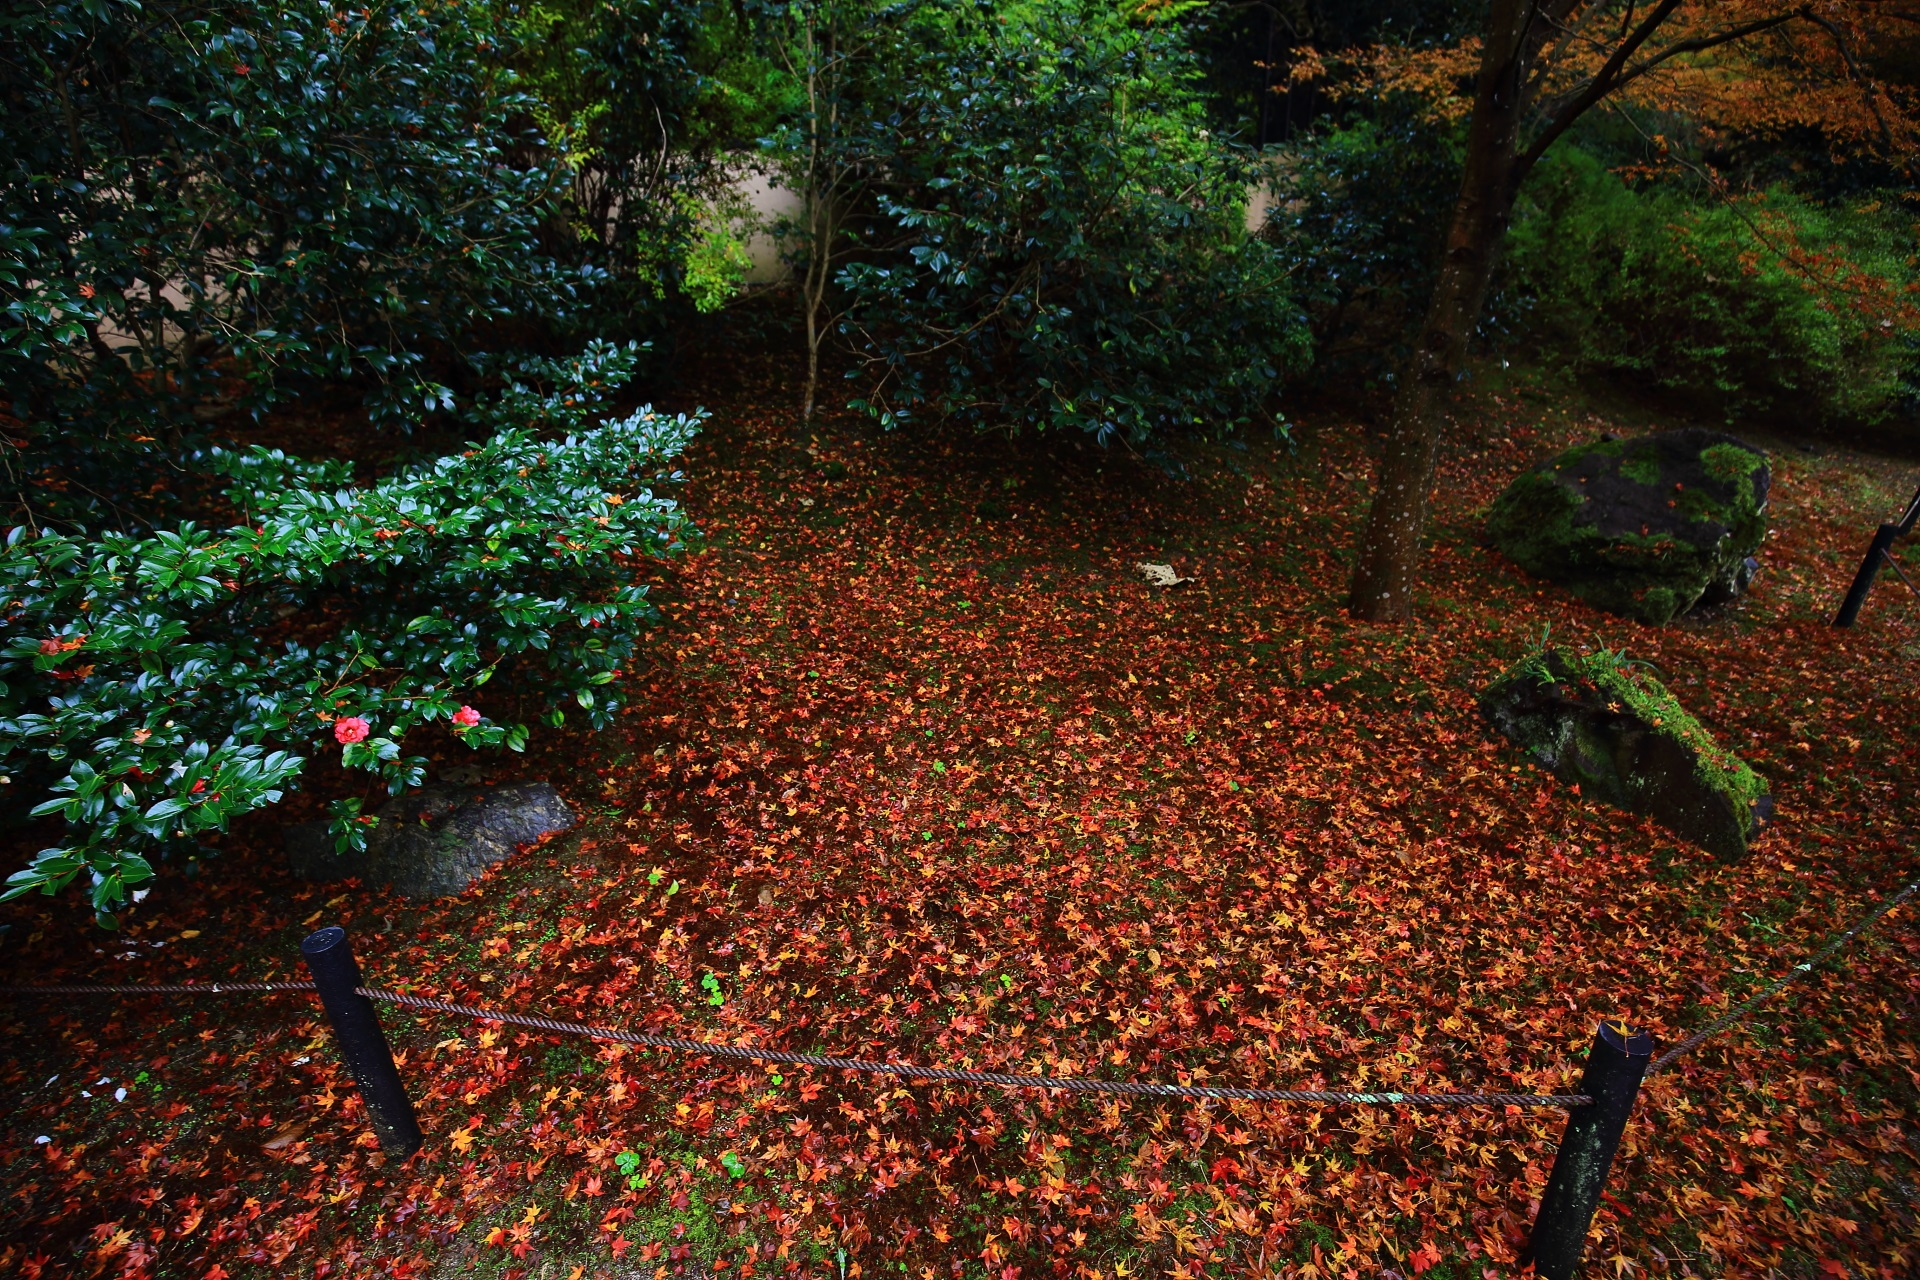 椿の木や岩を彩る溢れる散り紅葉